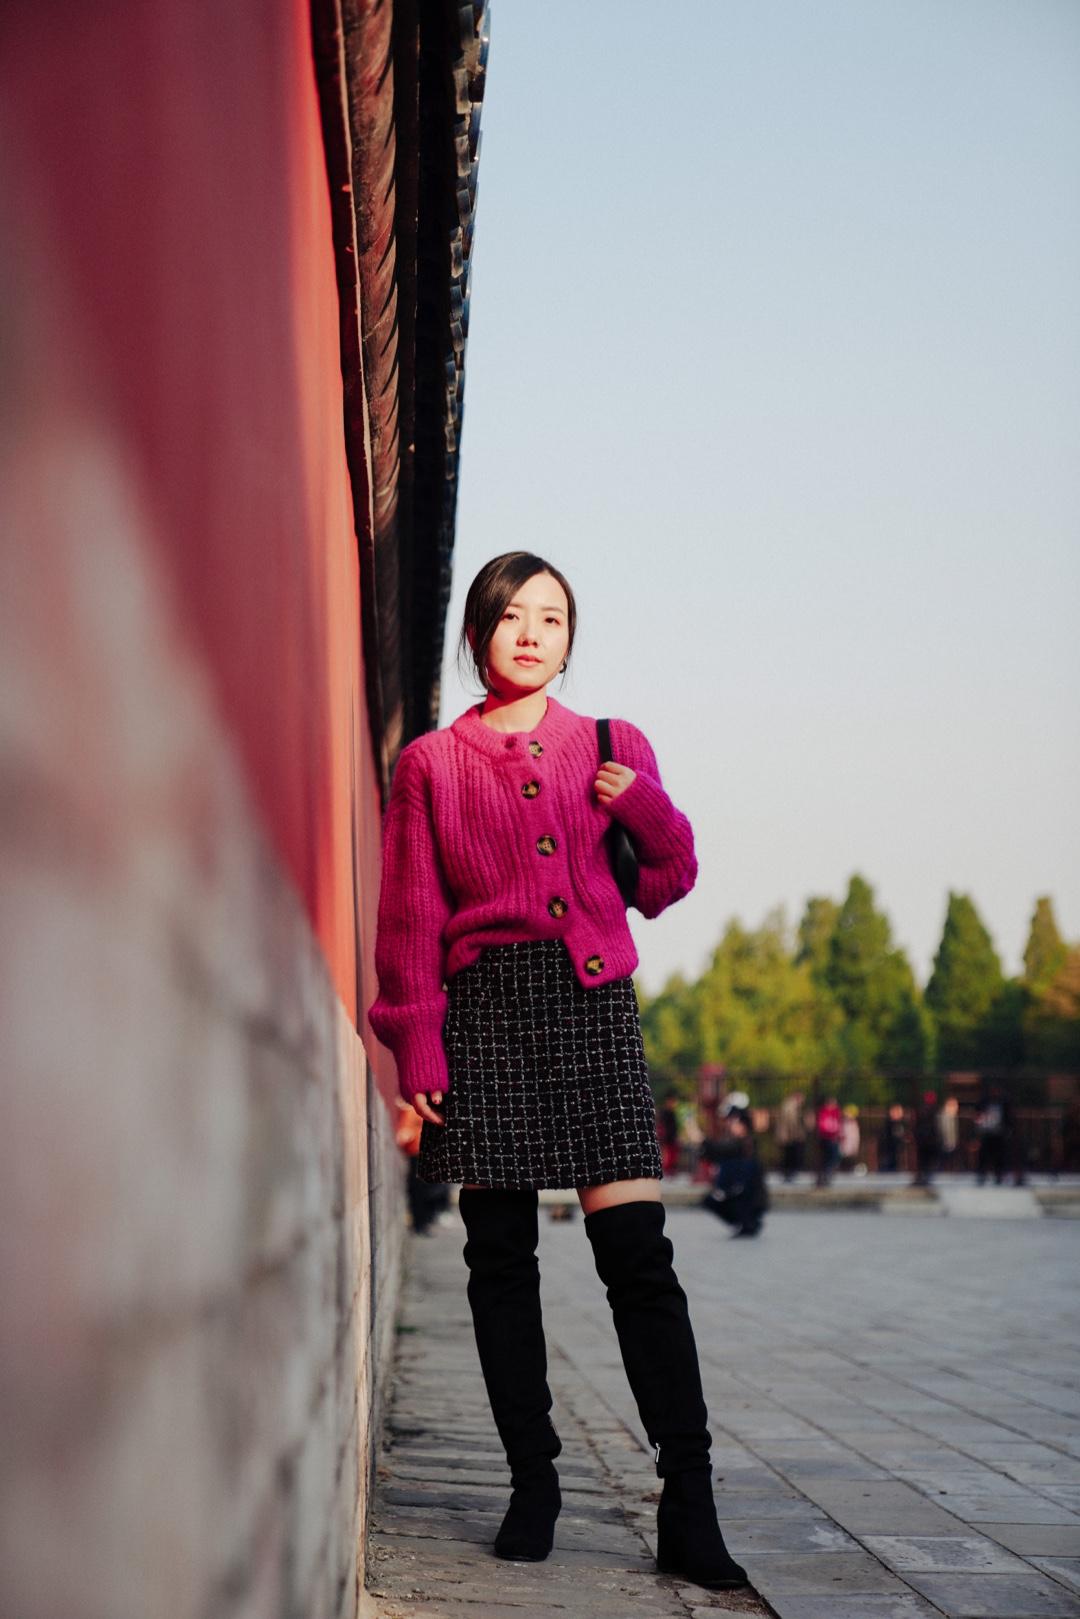 浓郁的紫红色做成毛绒绒的针织衫,搭配半裙和过膝靴,是富有天真女人味的感觉。  针织开衫:hm 半裙:mango 靴子:sam edelman 包:by far #双十一轻熟风毛衣list#